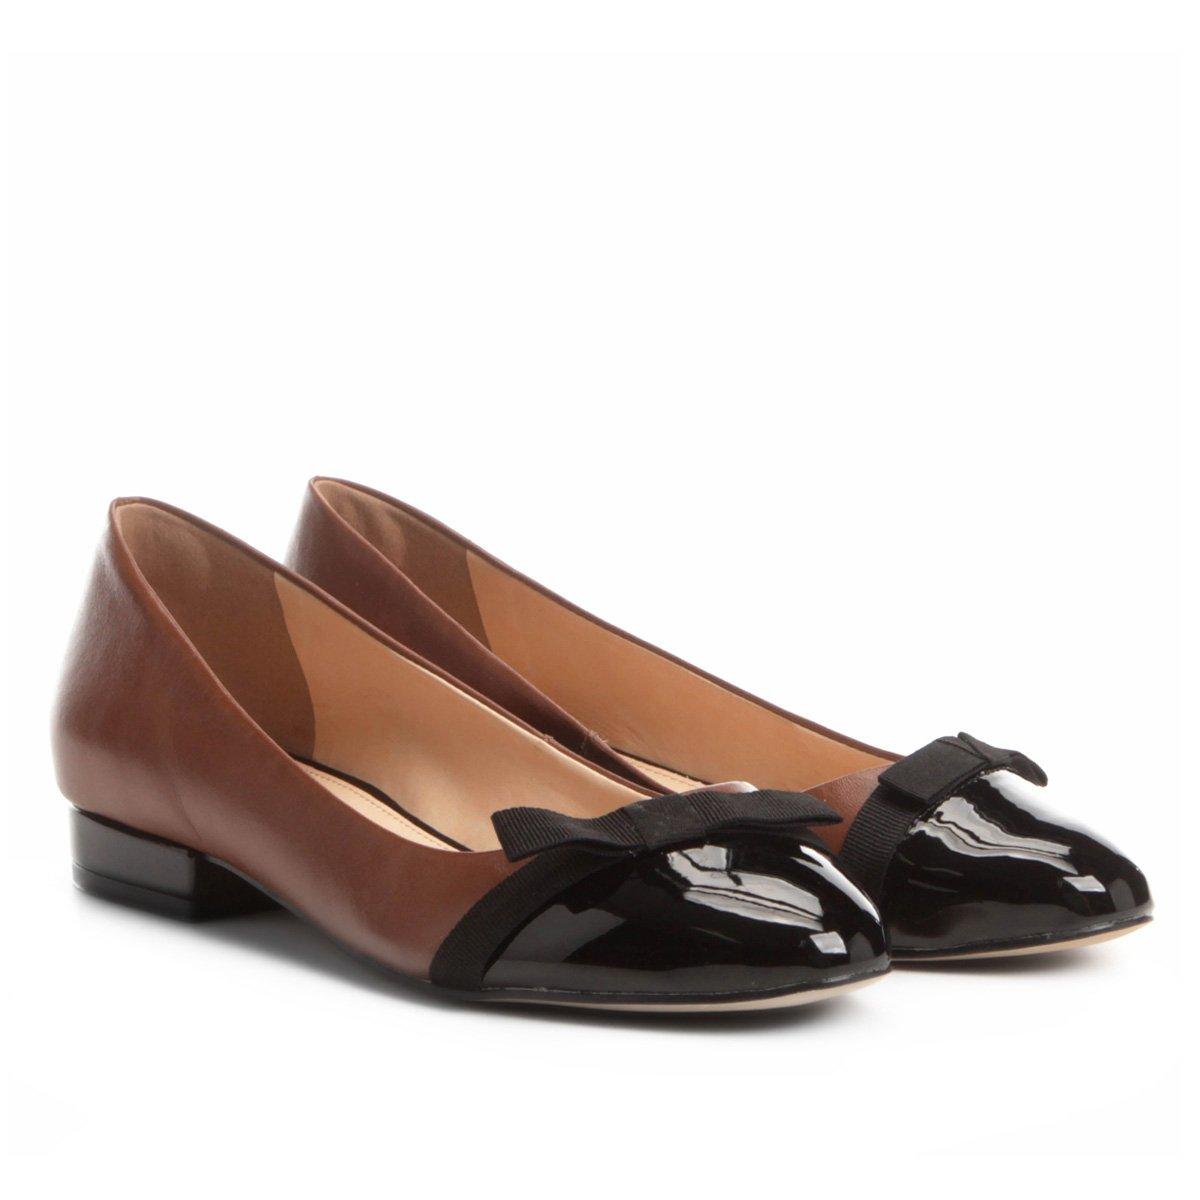 616e0bf60 Sapatilha Couro Shoestock com Laço de Gorgurão Feminina - Caramelo    Shoestock